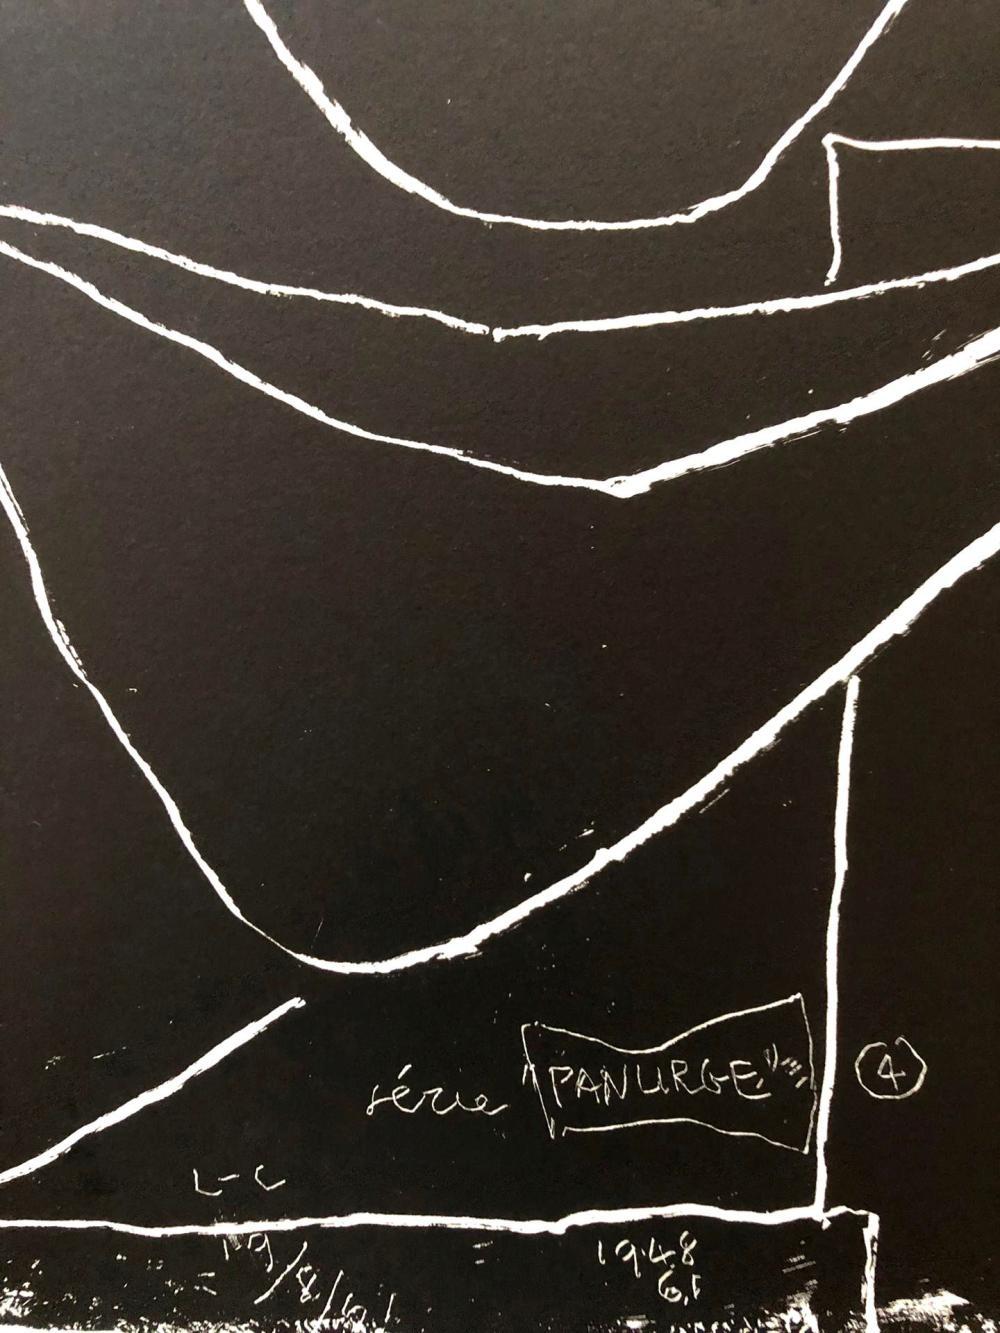 """Le Corbusier - """"Par dessus tout"""", 1962"""